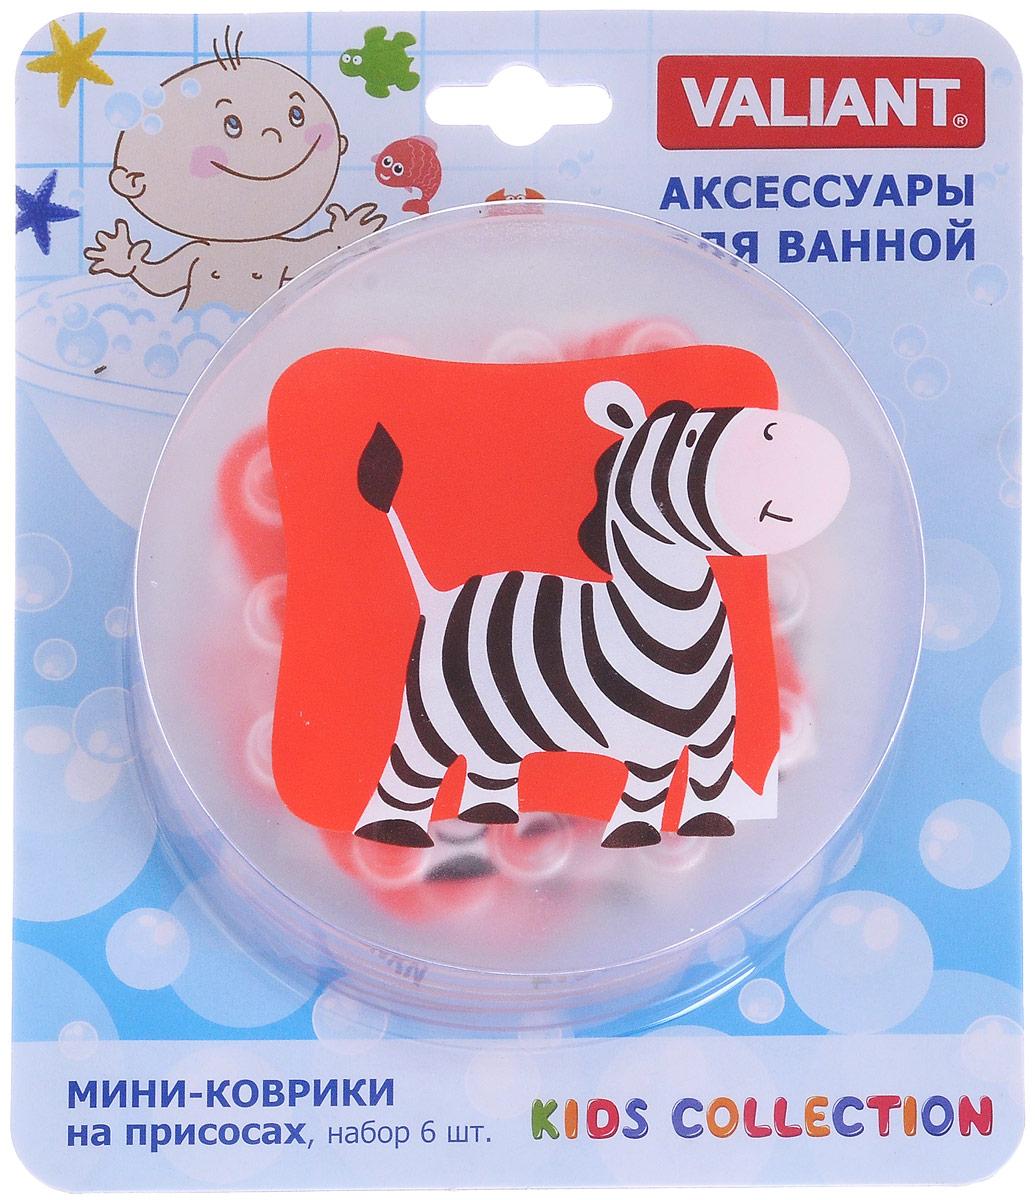 Valiant Мини-коврик для ванной комнаты Зебра на присосках 6 шт